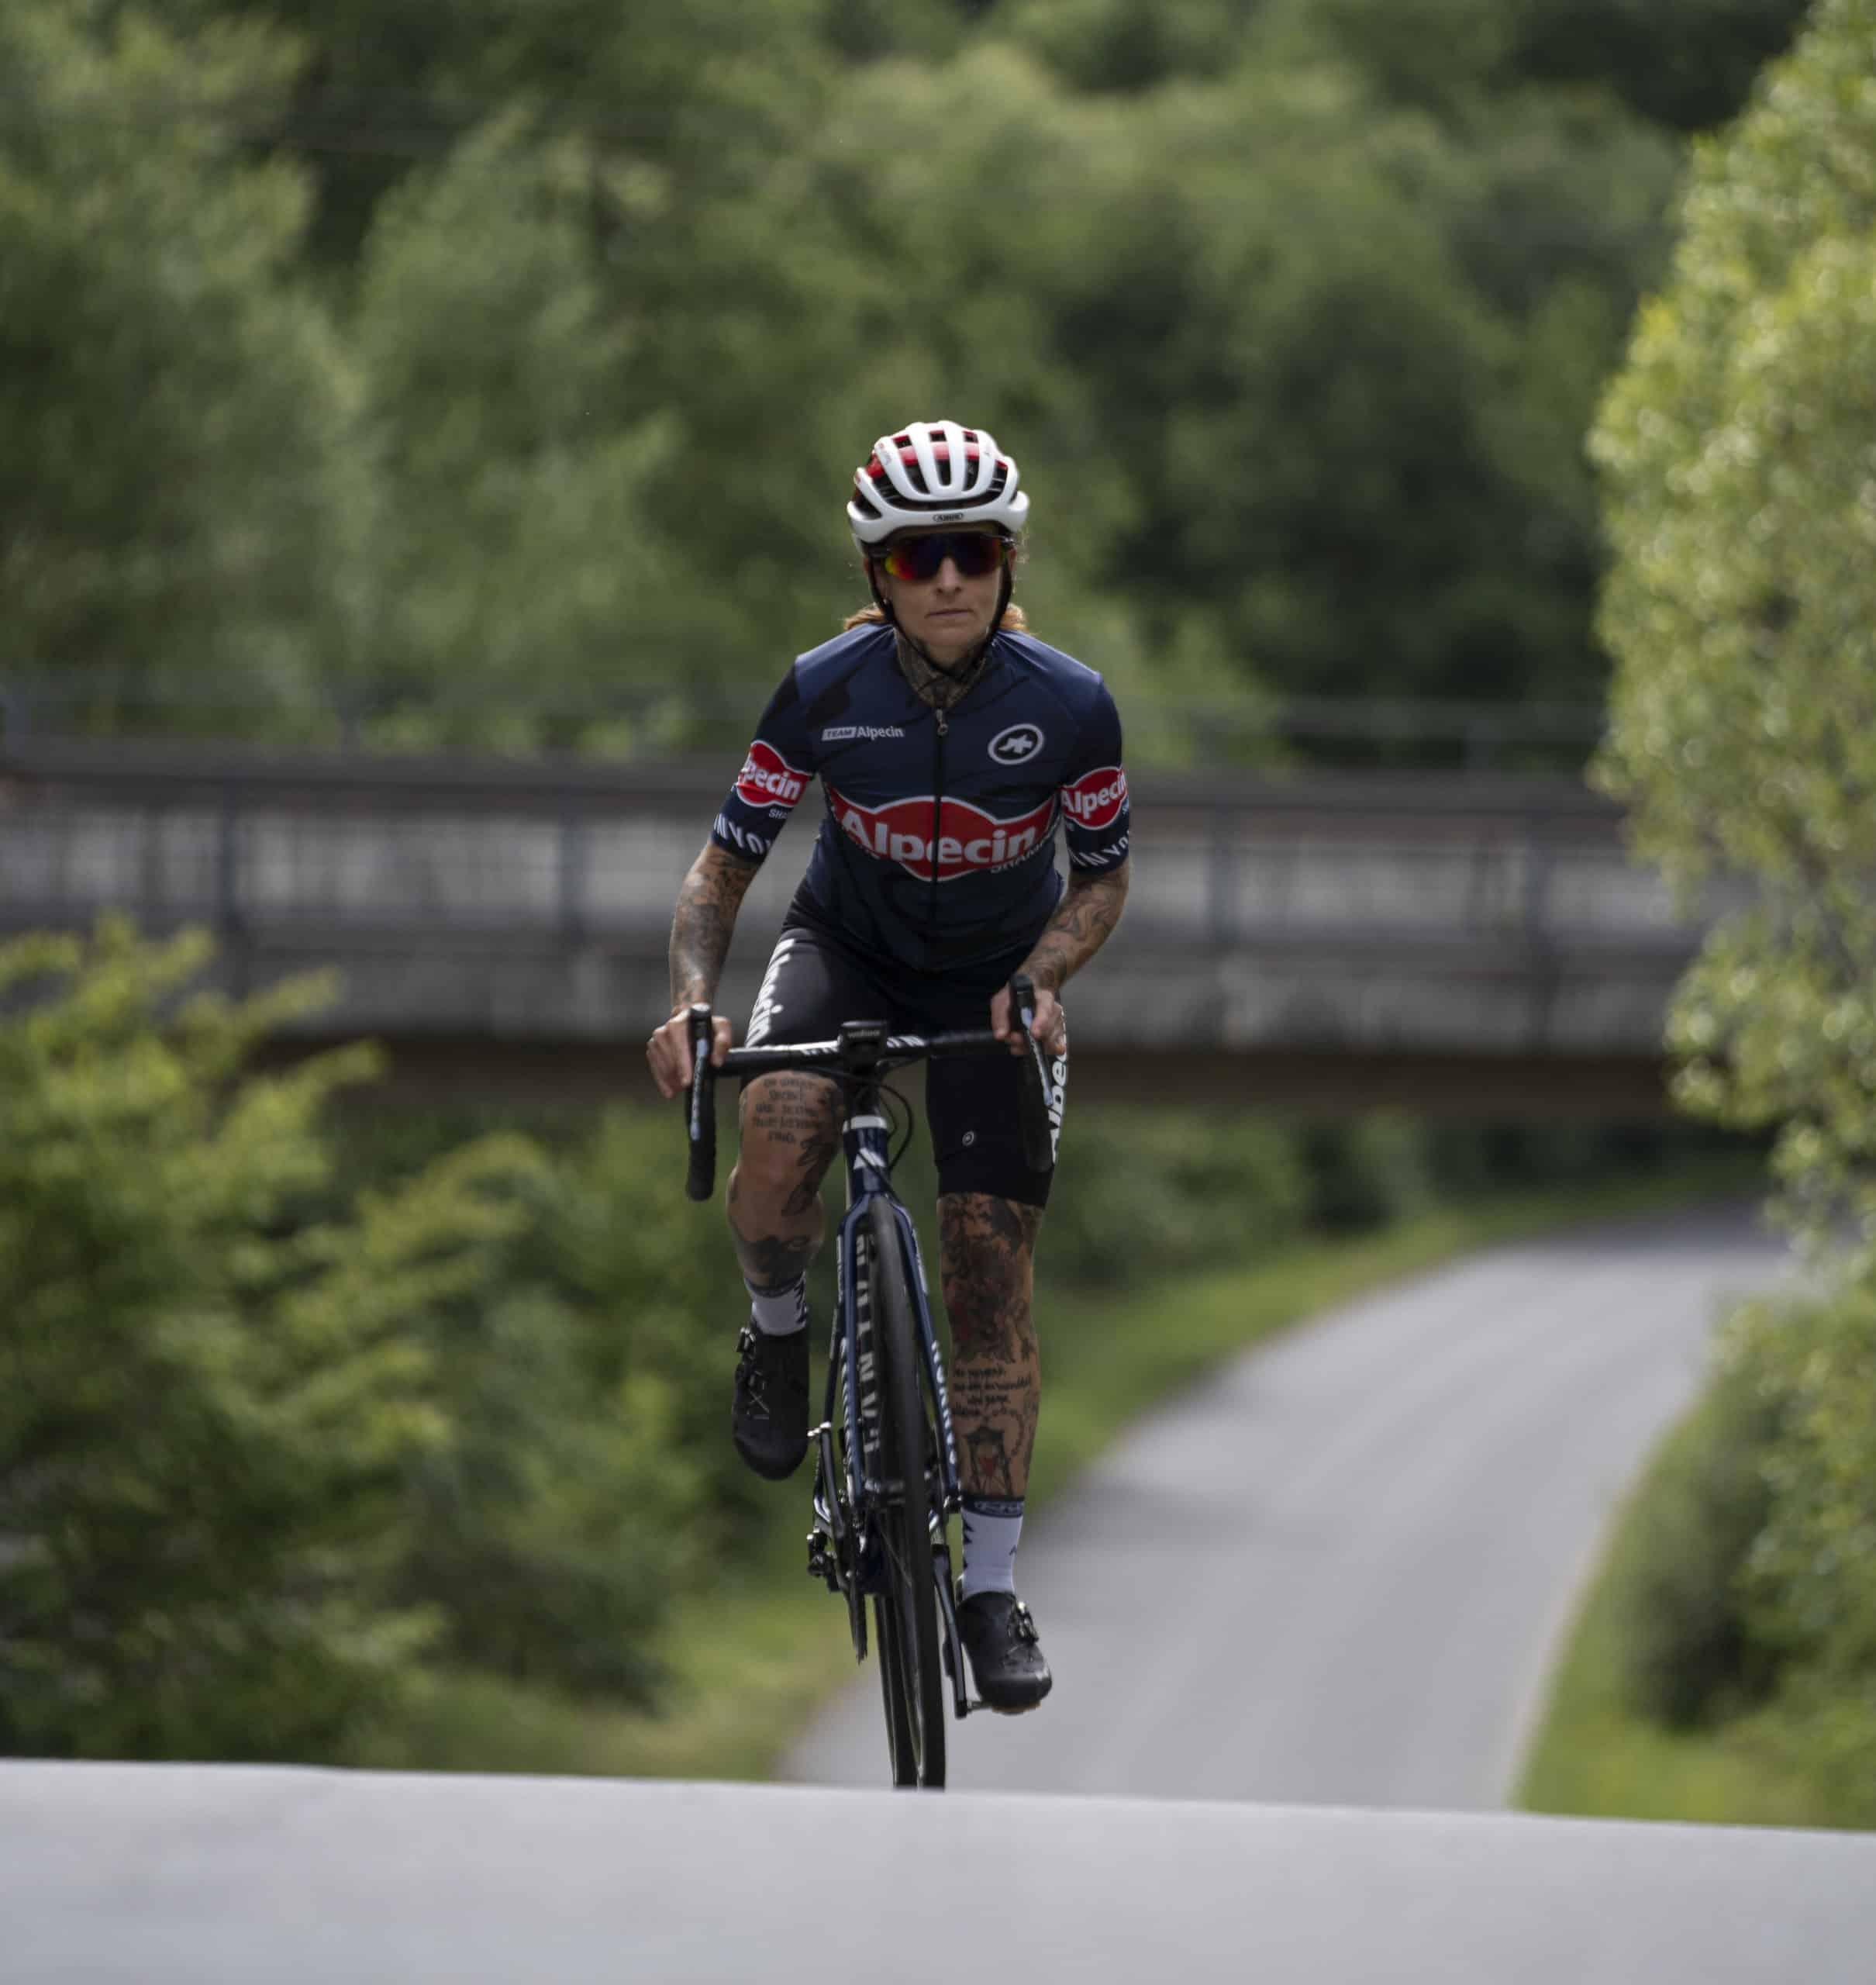 Valeska beim Training auf ihrem Fahrrad auf einer Straße fahrend.